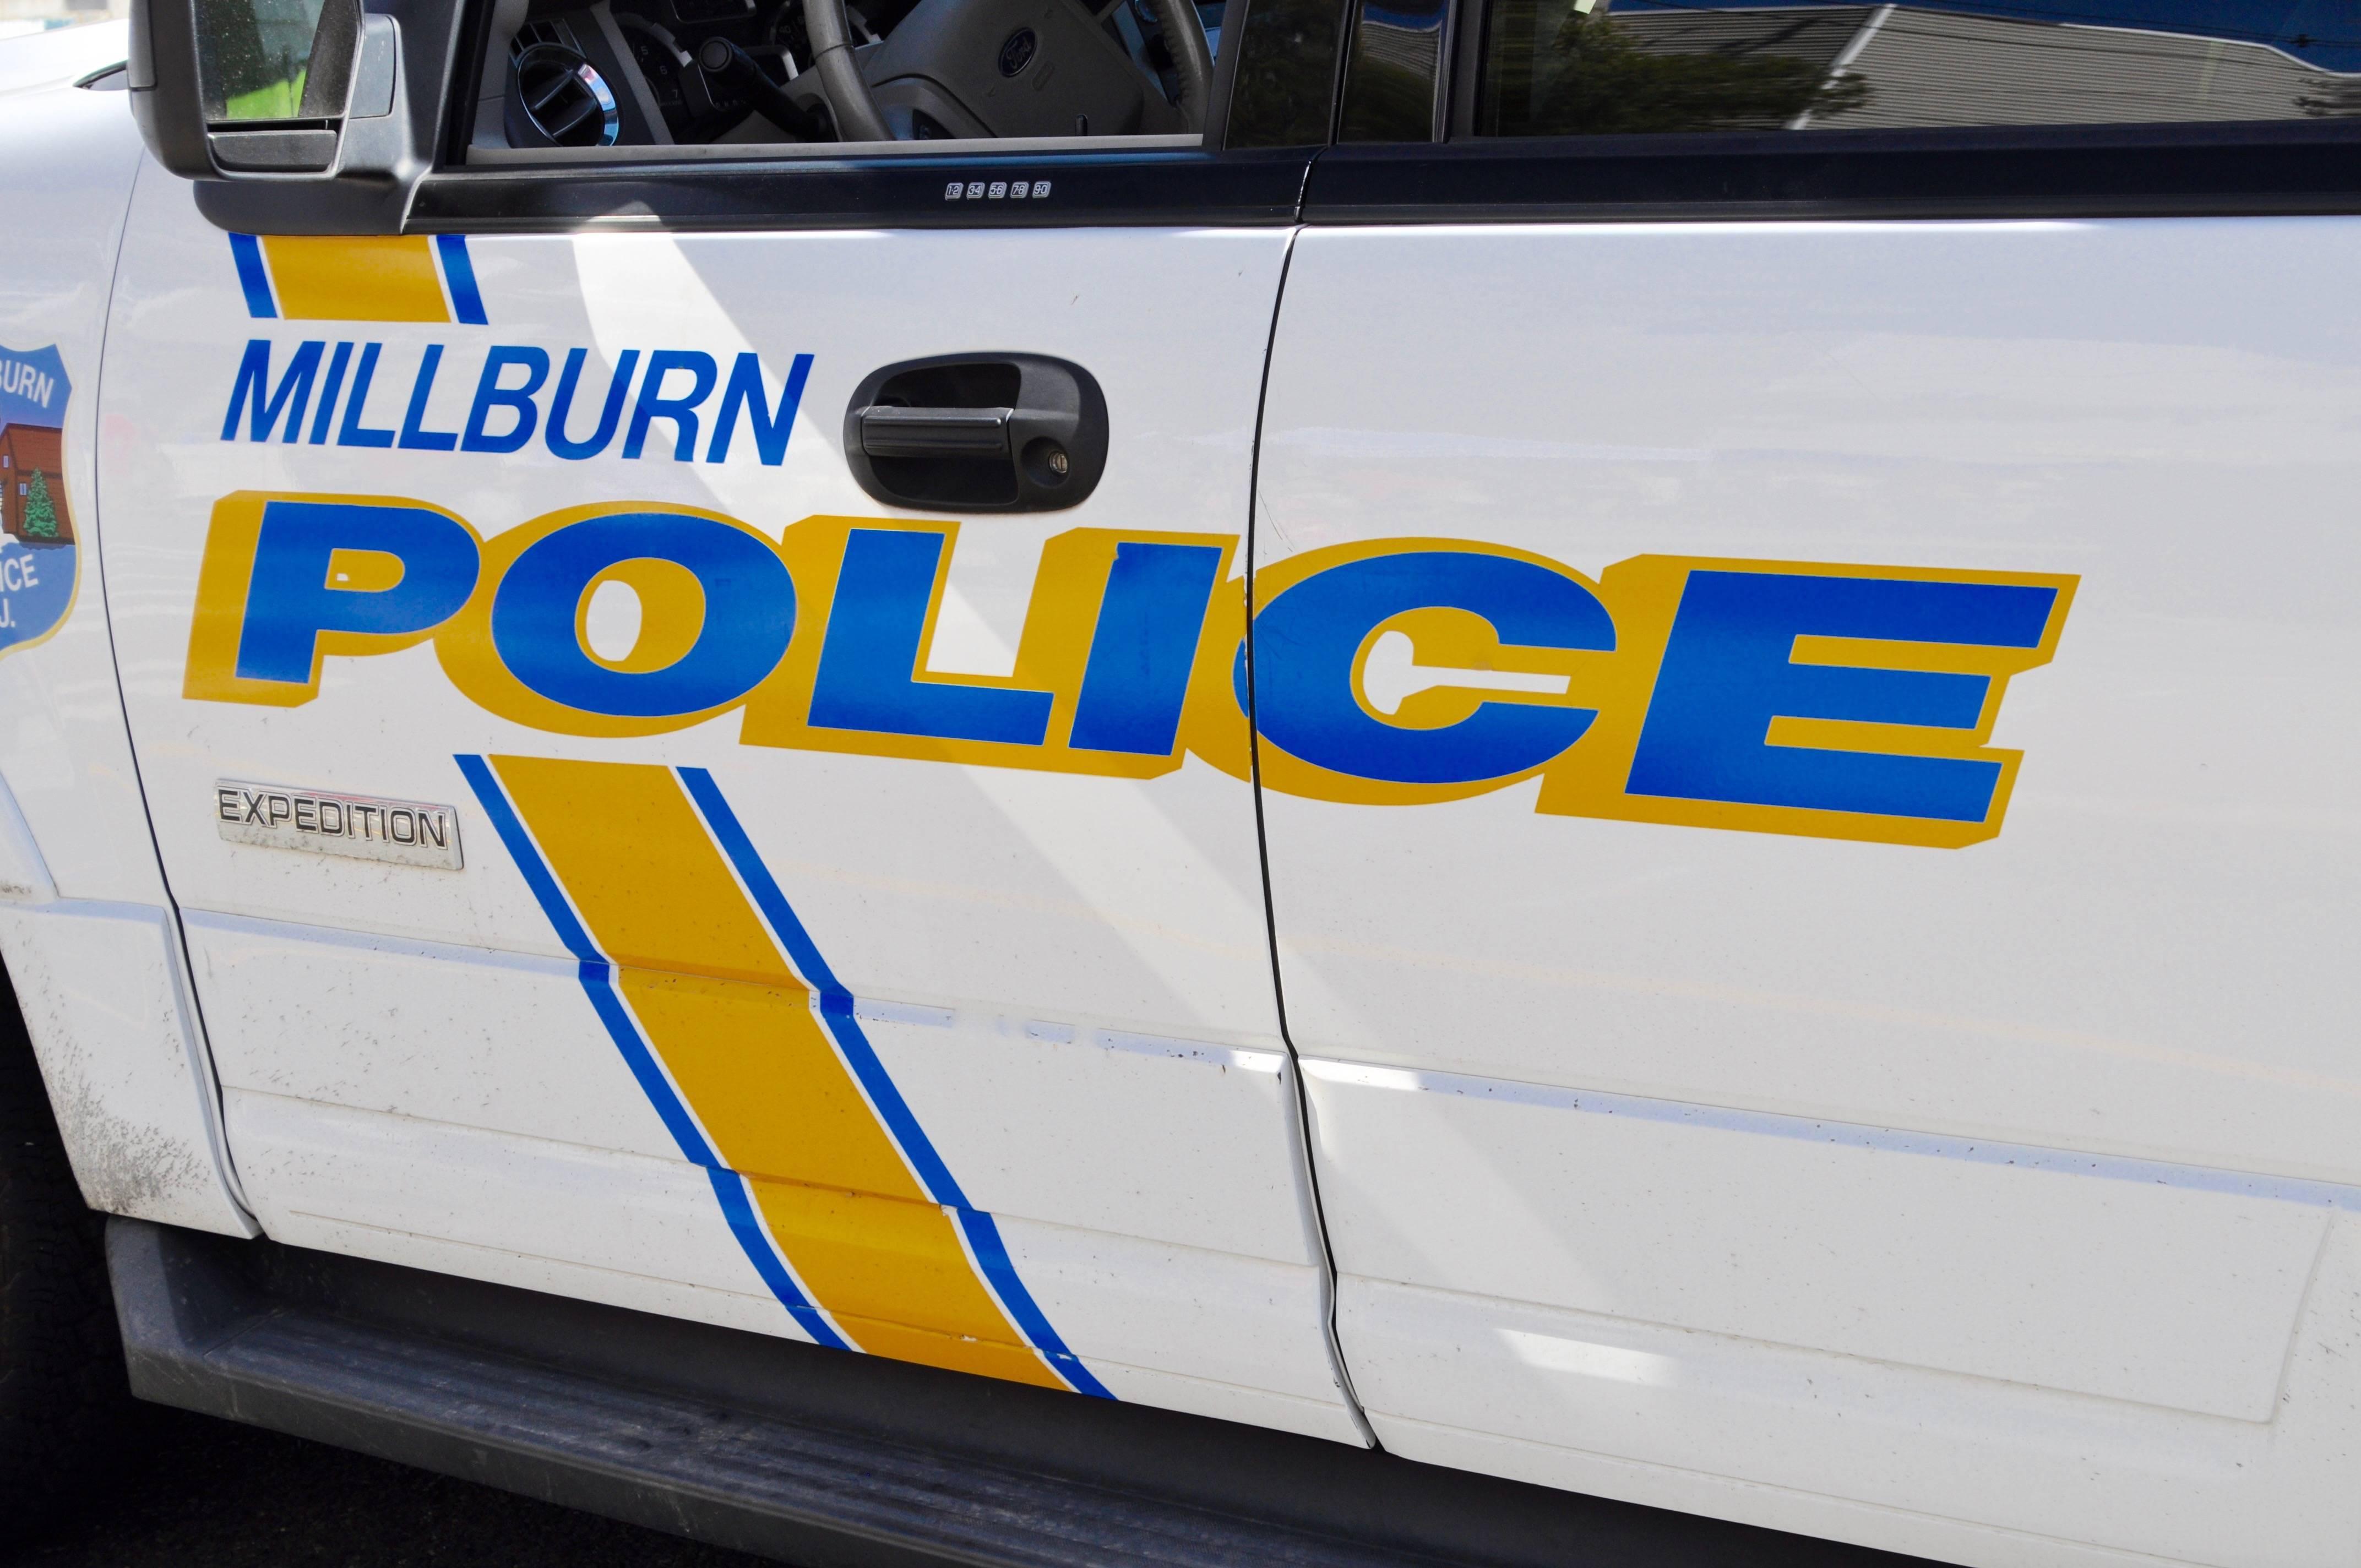 a15f794c1184182b7c0f_millburn_police_car_photo.jpg